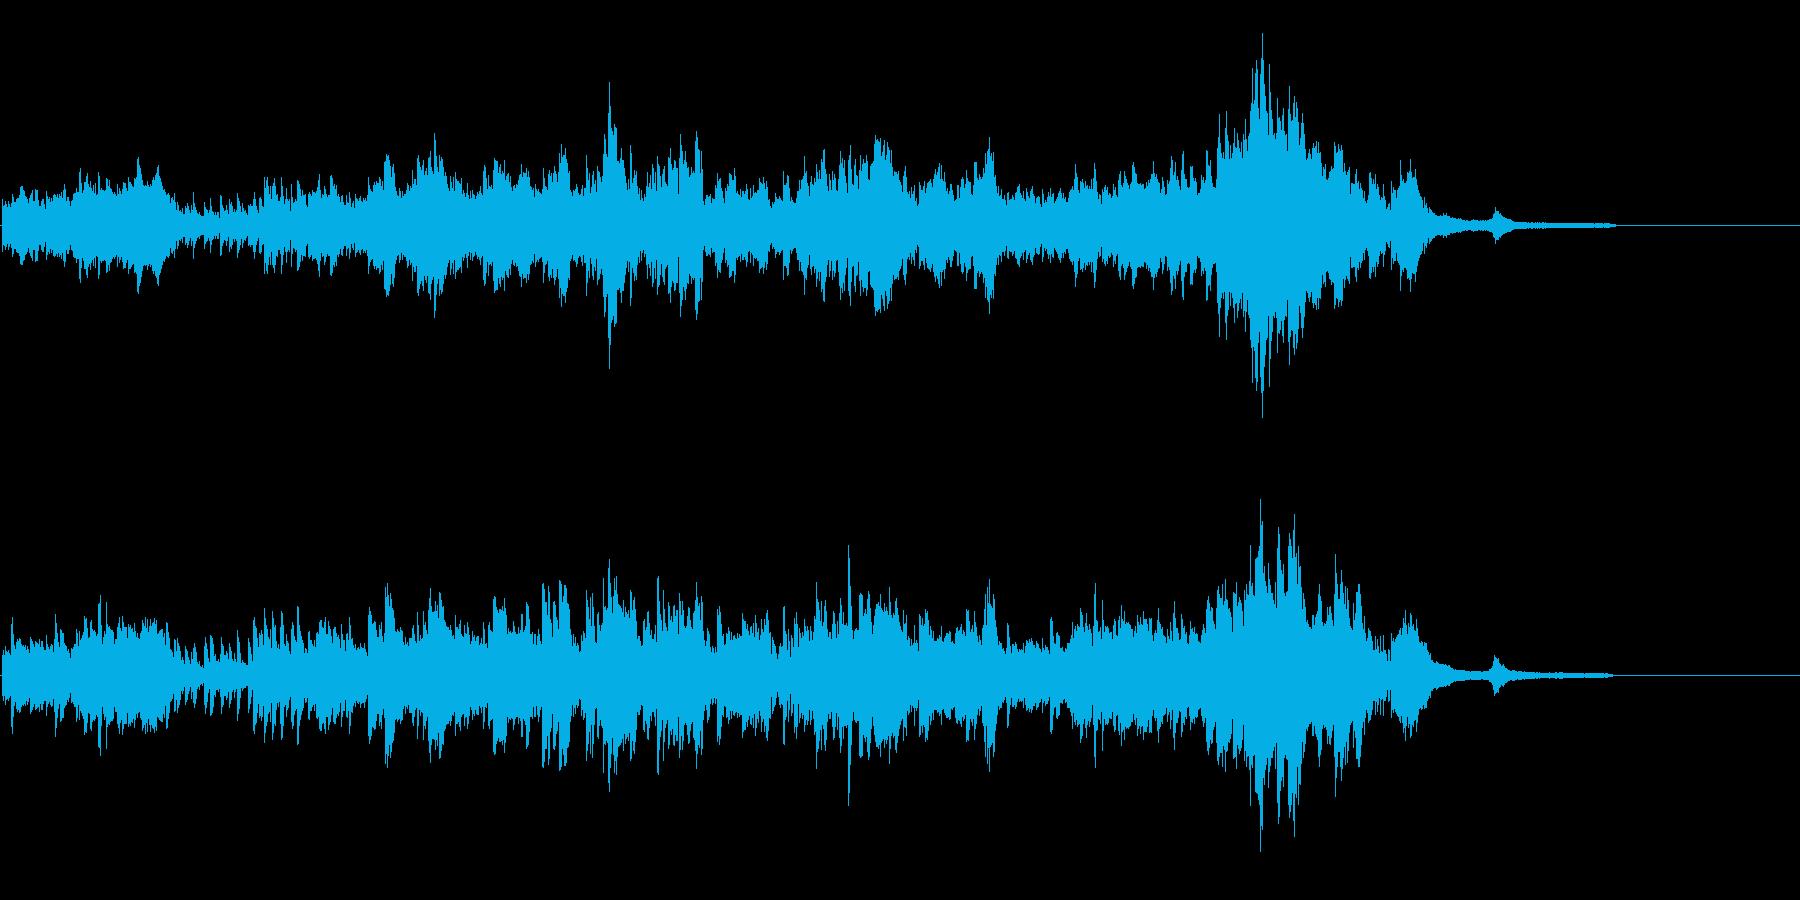 綺麗だけどちょっと怖いピアノソロの再生済みの波形